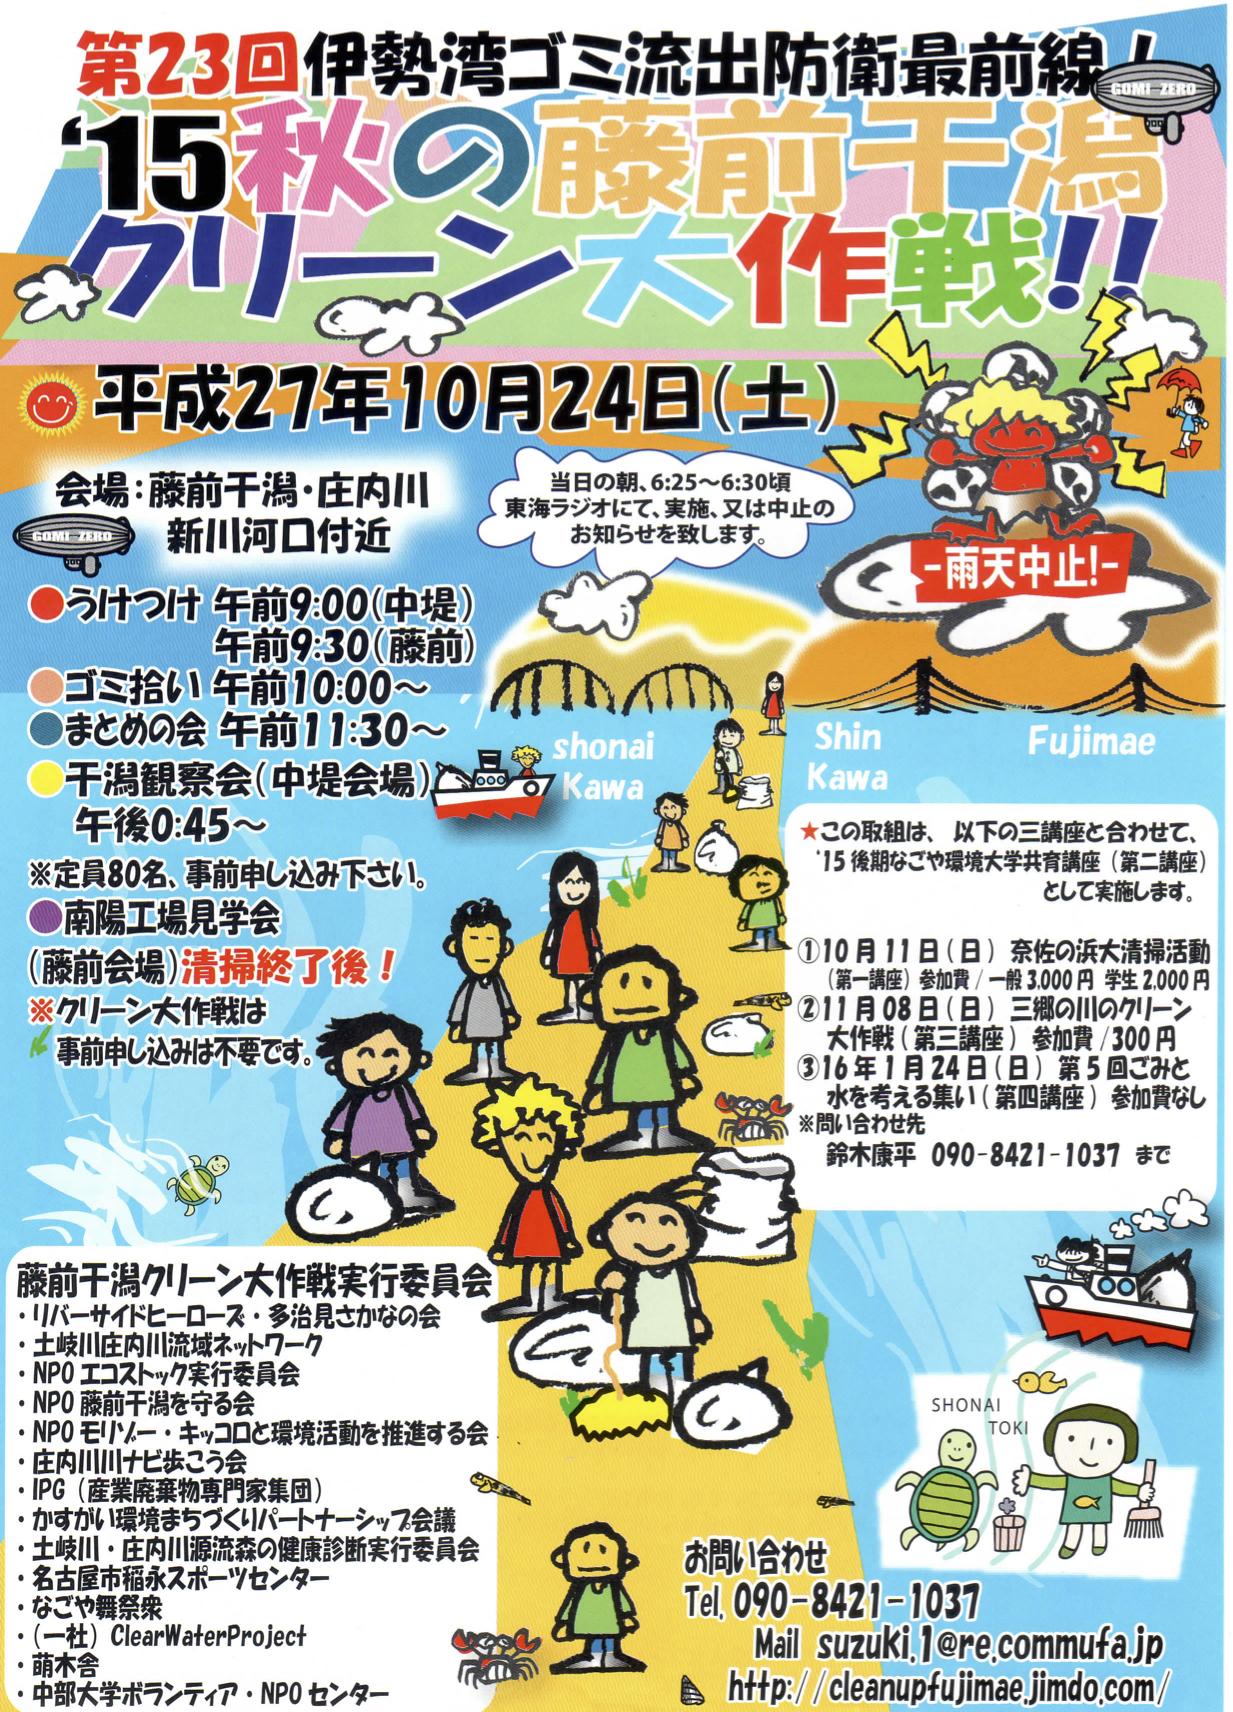 藤前干潟クリーン大作戦2015秋が開催されます!